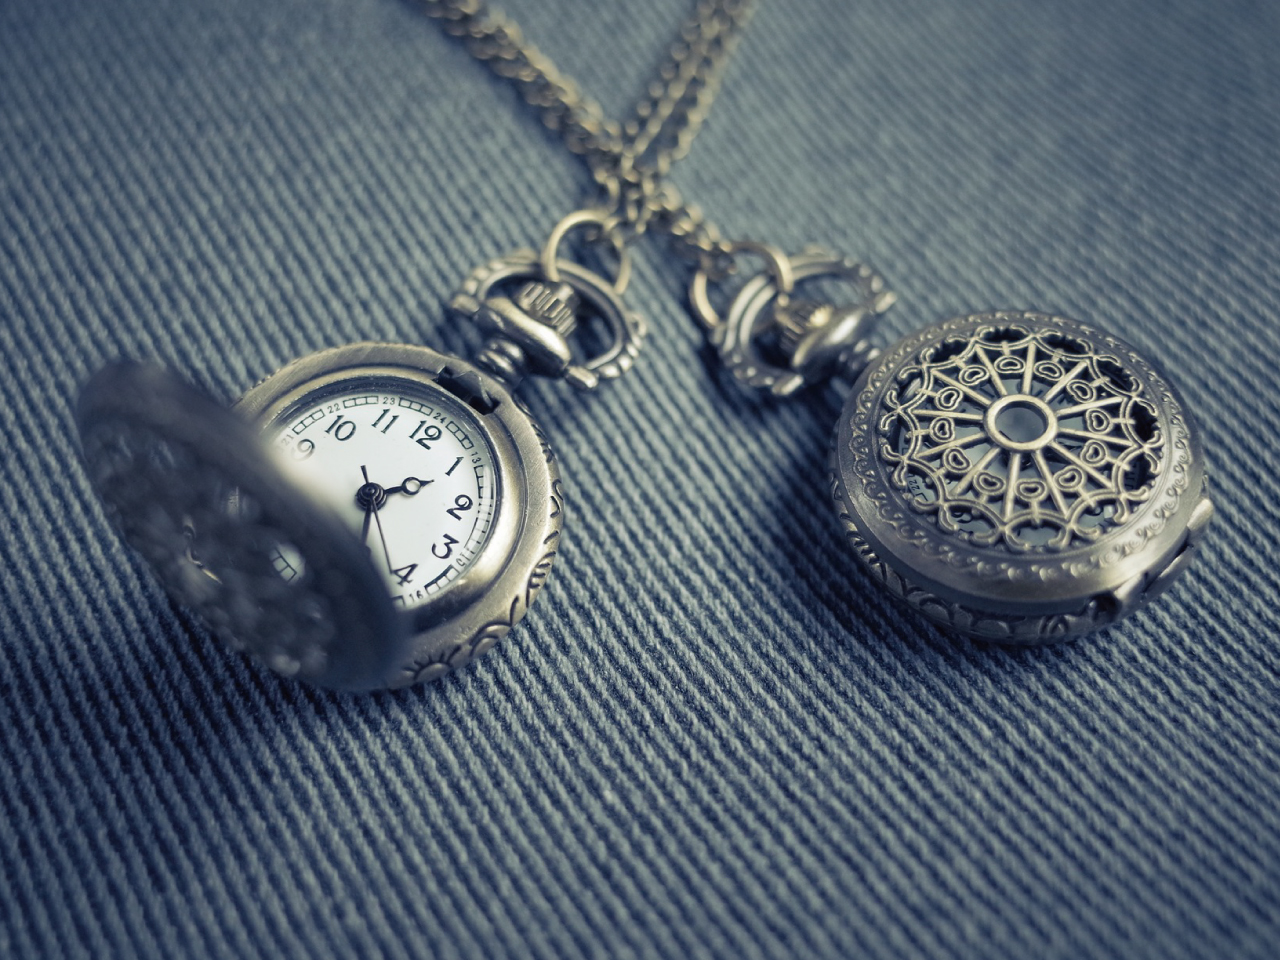 2つの懐中時計